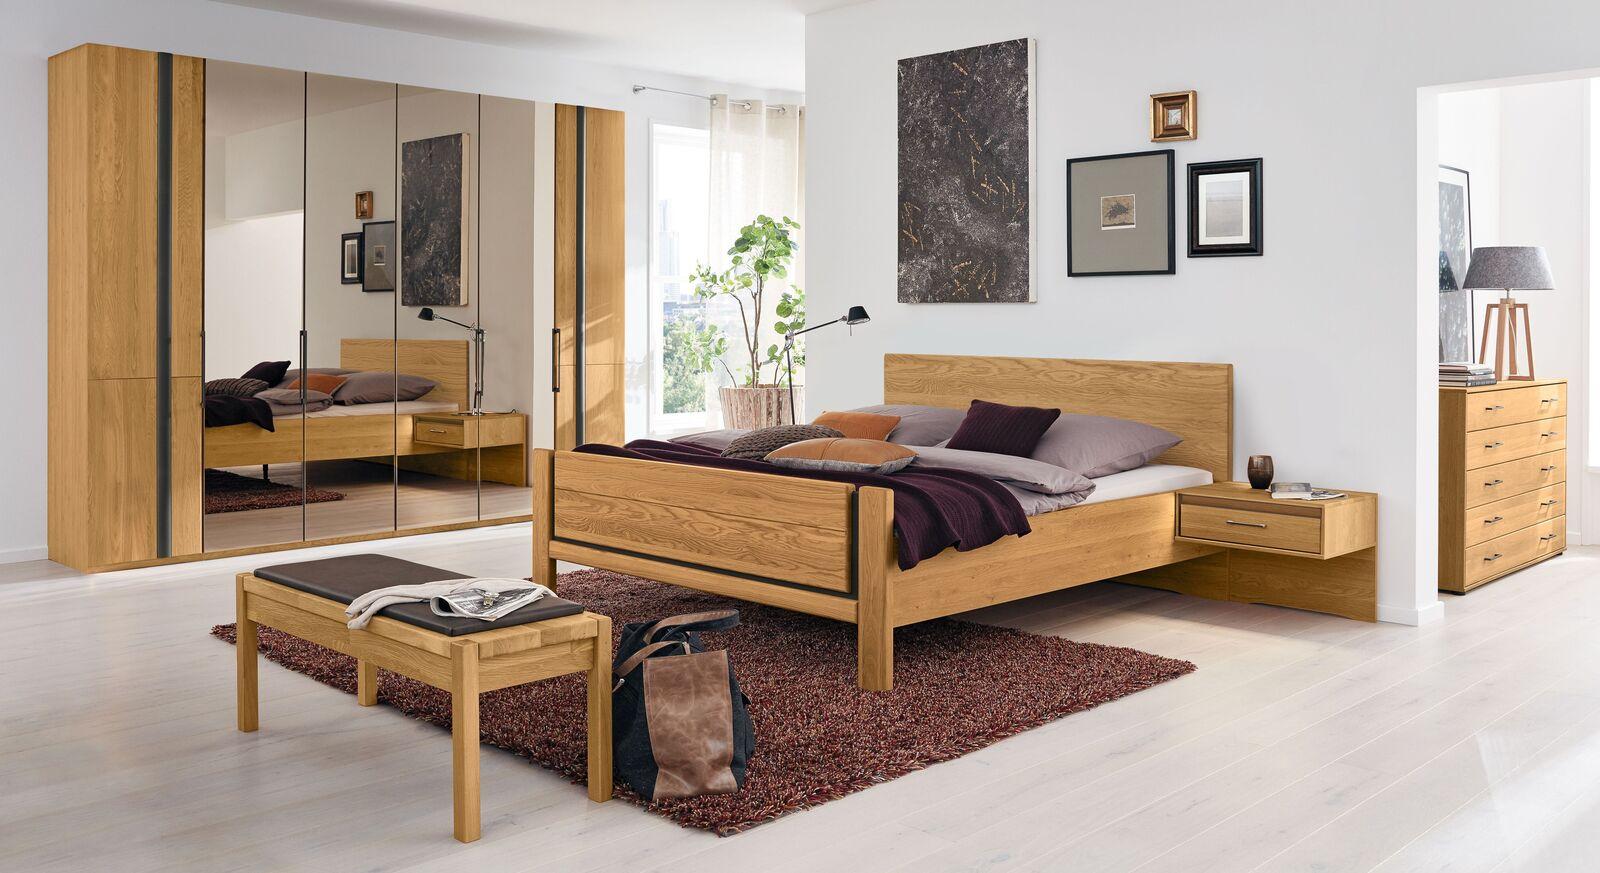 MUSTERRING Schlafzimmer Sorrent 4-tlg. mit Falttüren-Kleiderschrank